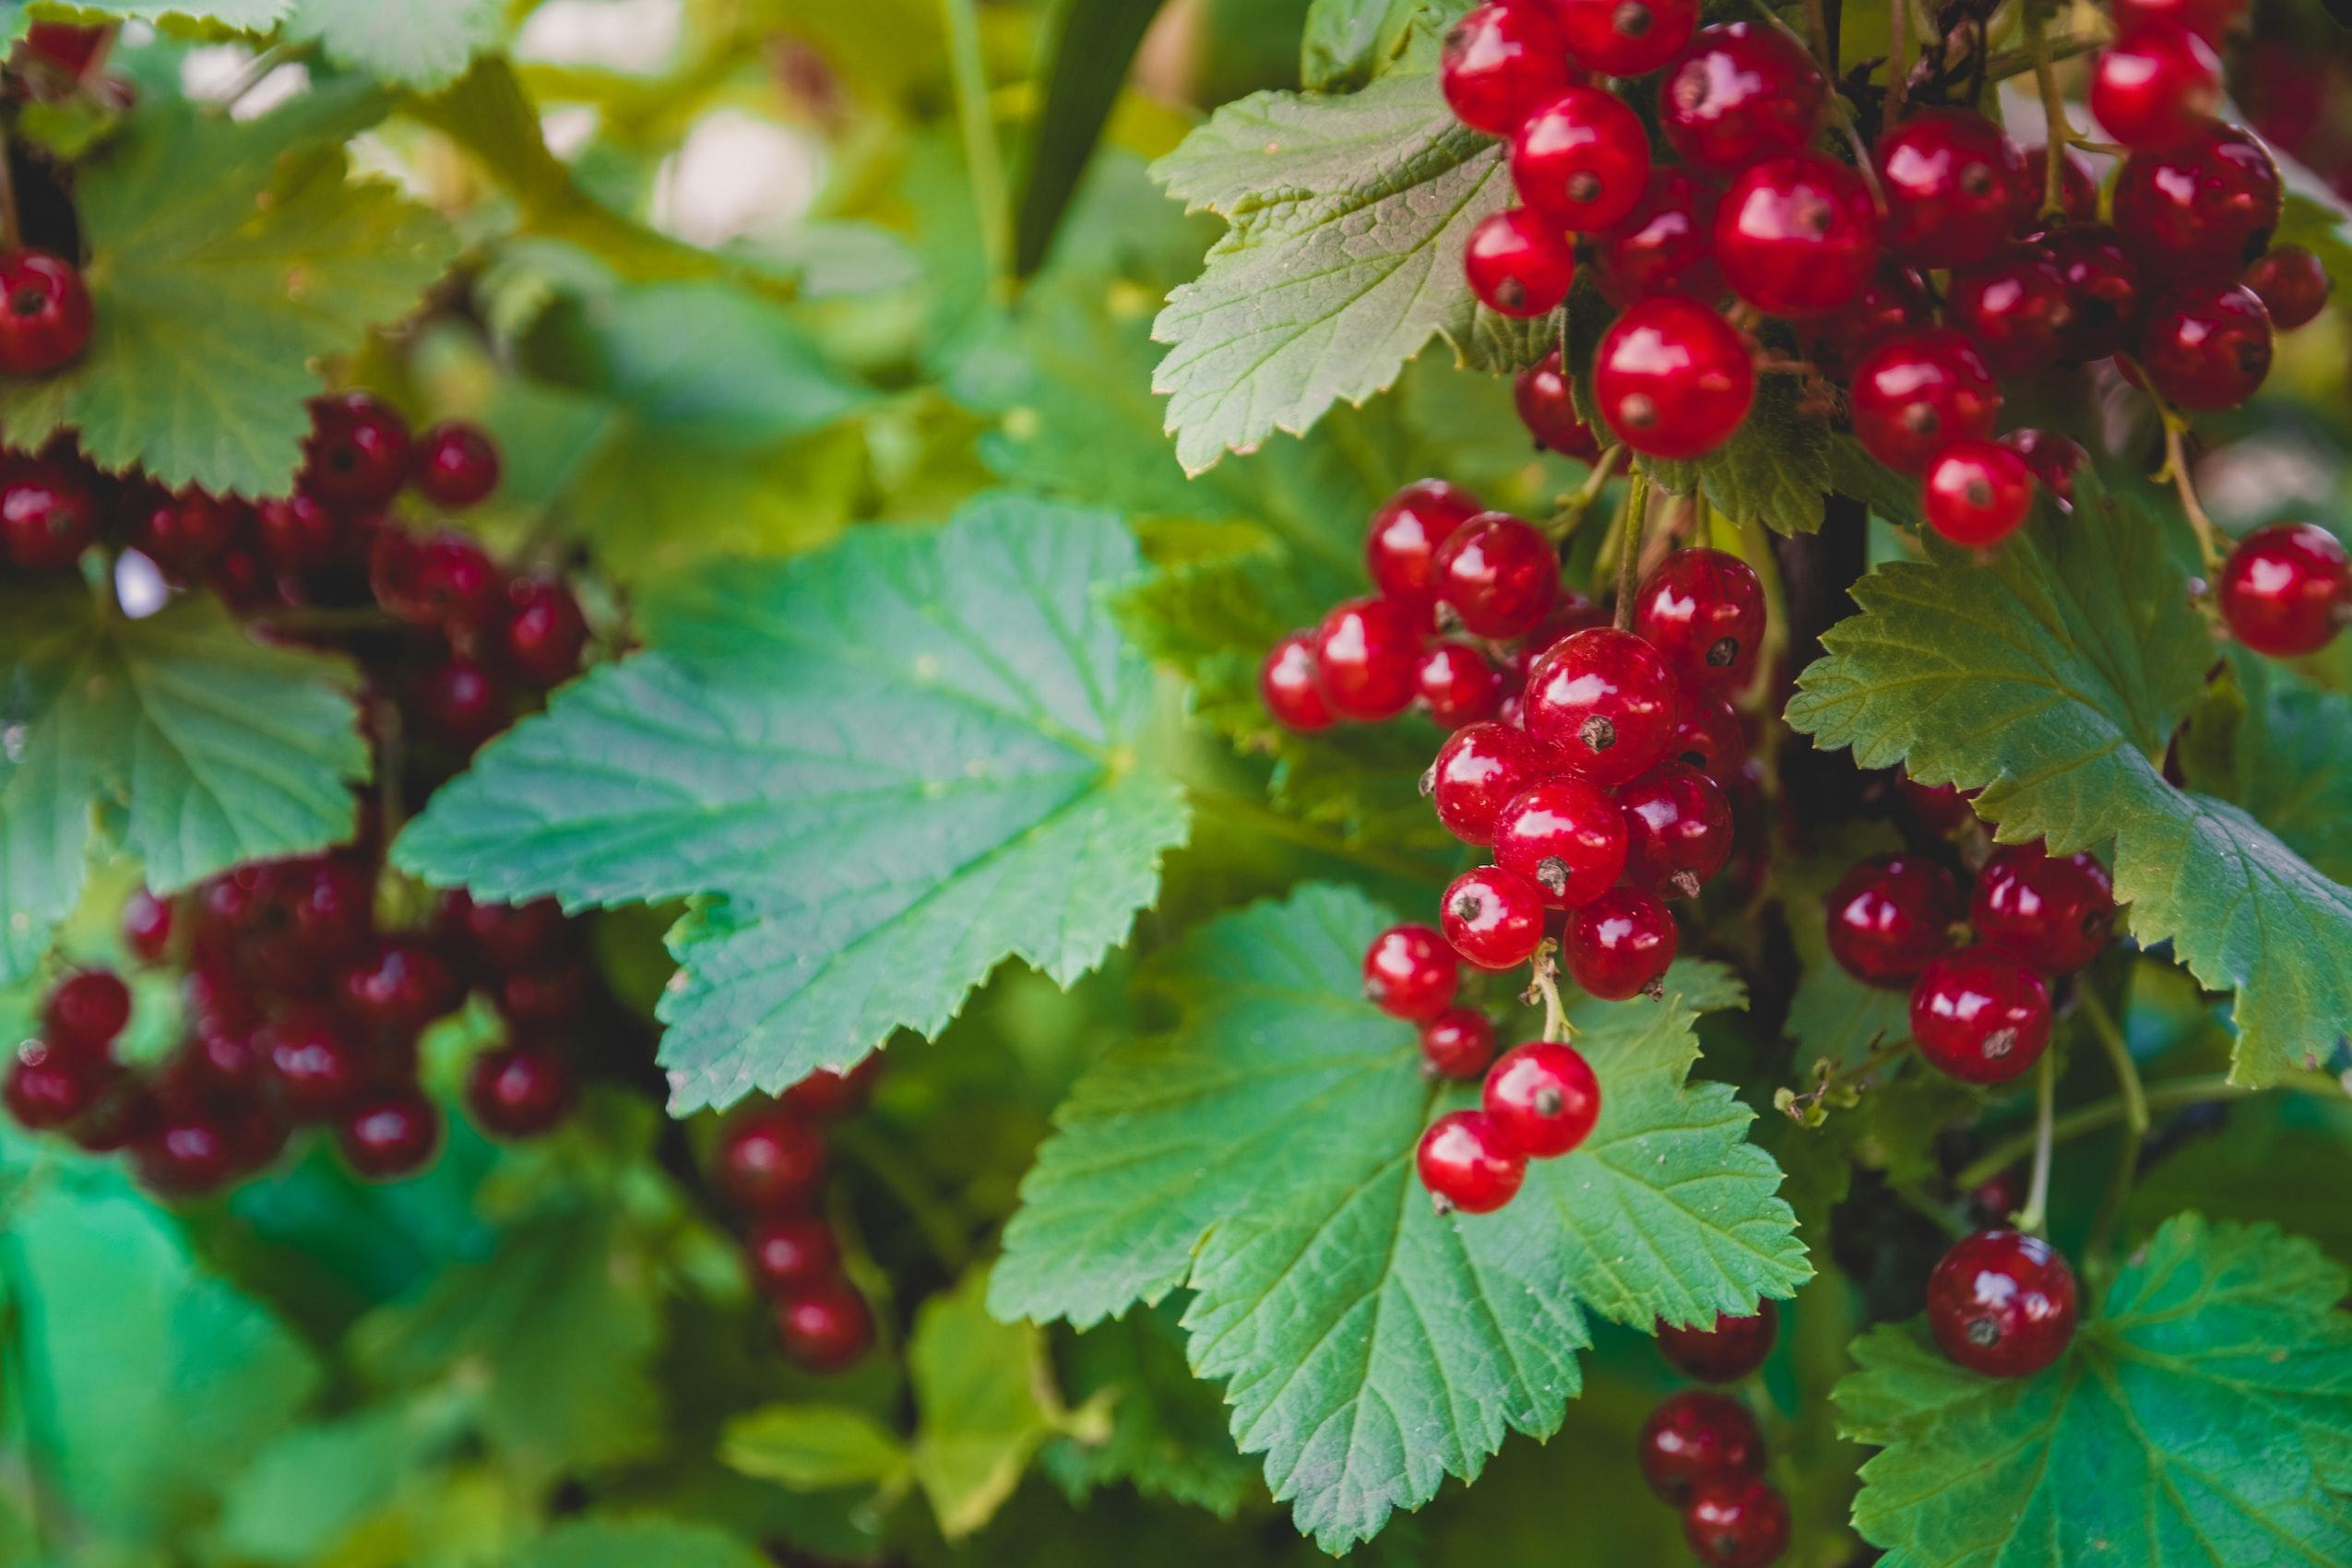 肯亞咖啡常常有莓果的酸質